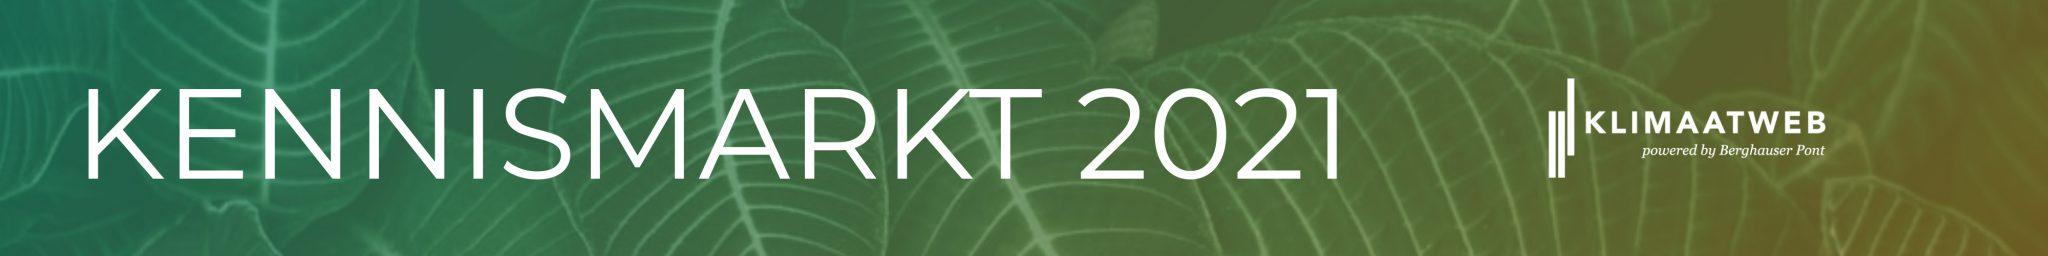 Kennismarkt 2021 klimaatweb